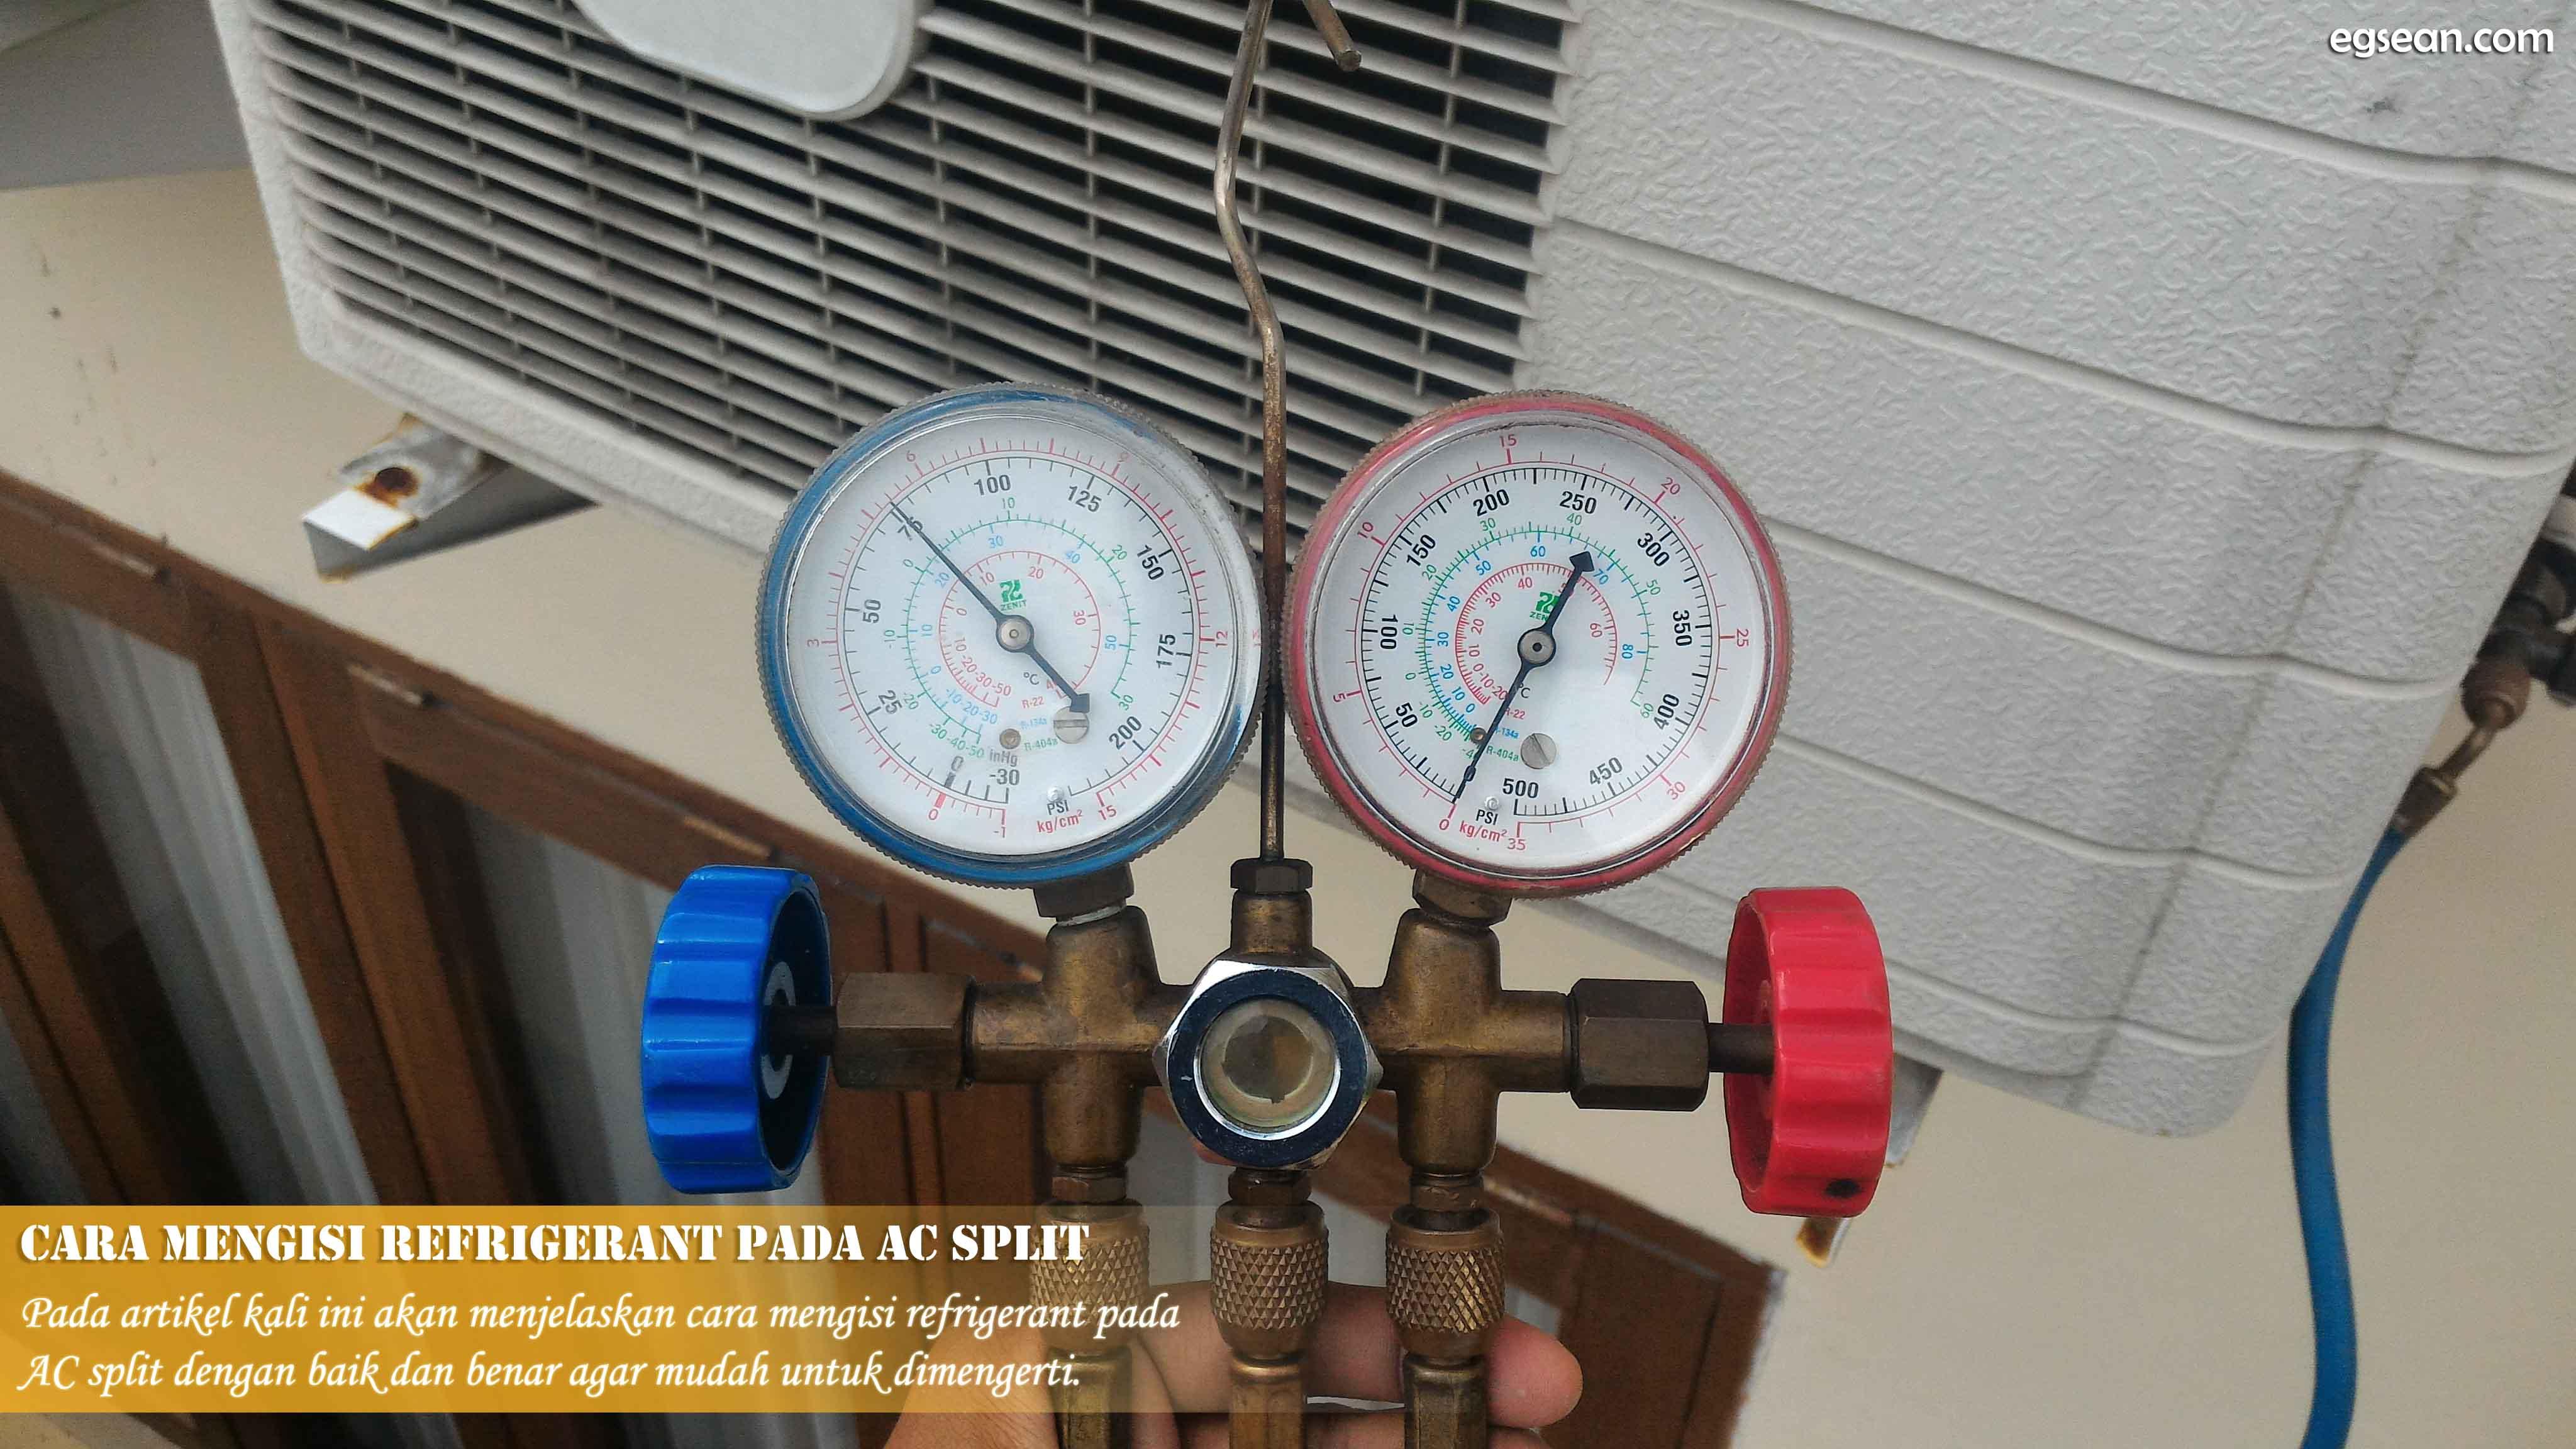 Cara Mengisi Refrigerant pada AC Split